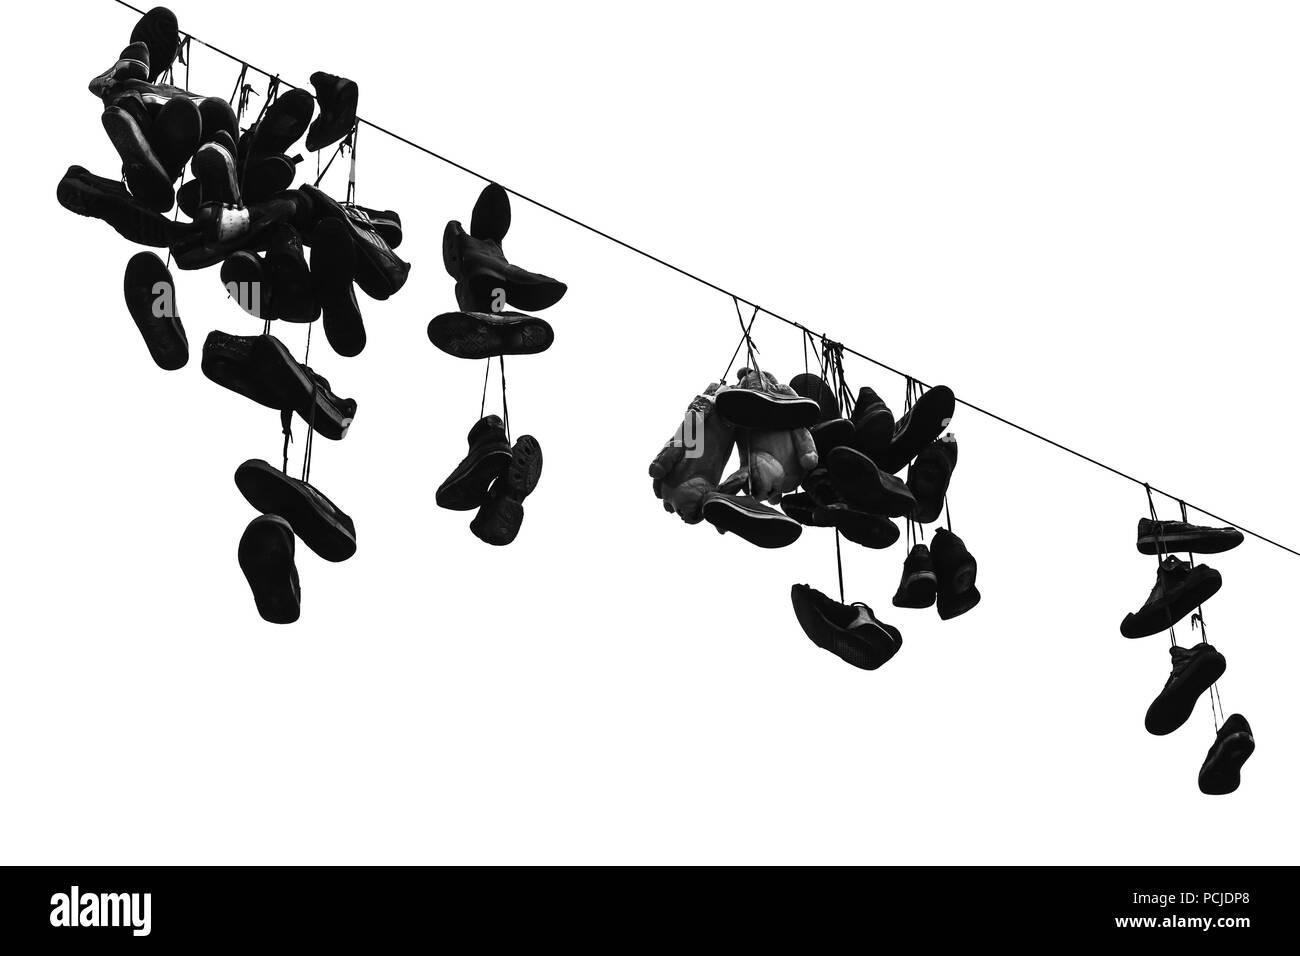 Sport Sur Et Le En De ÉlectriquePhoto Noir Fil Chaussures Accroché xEedoWBrQC